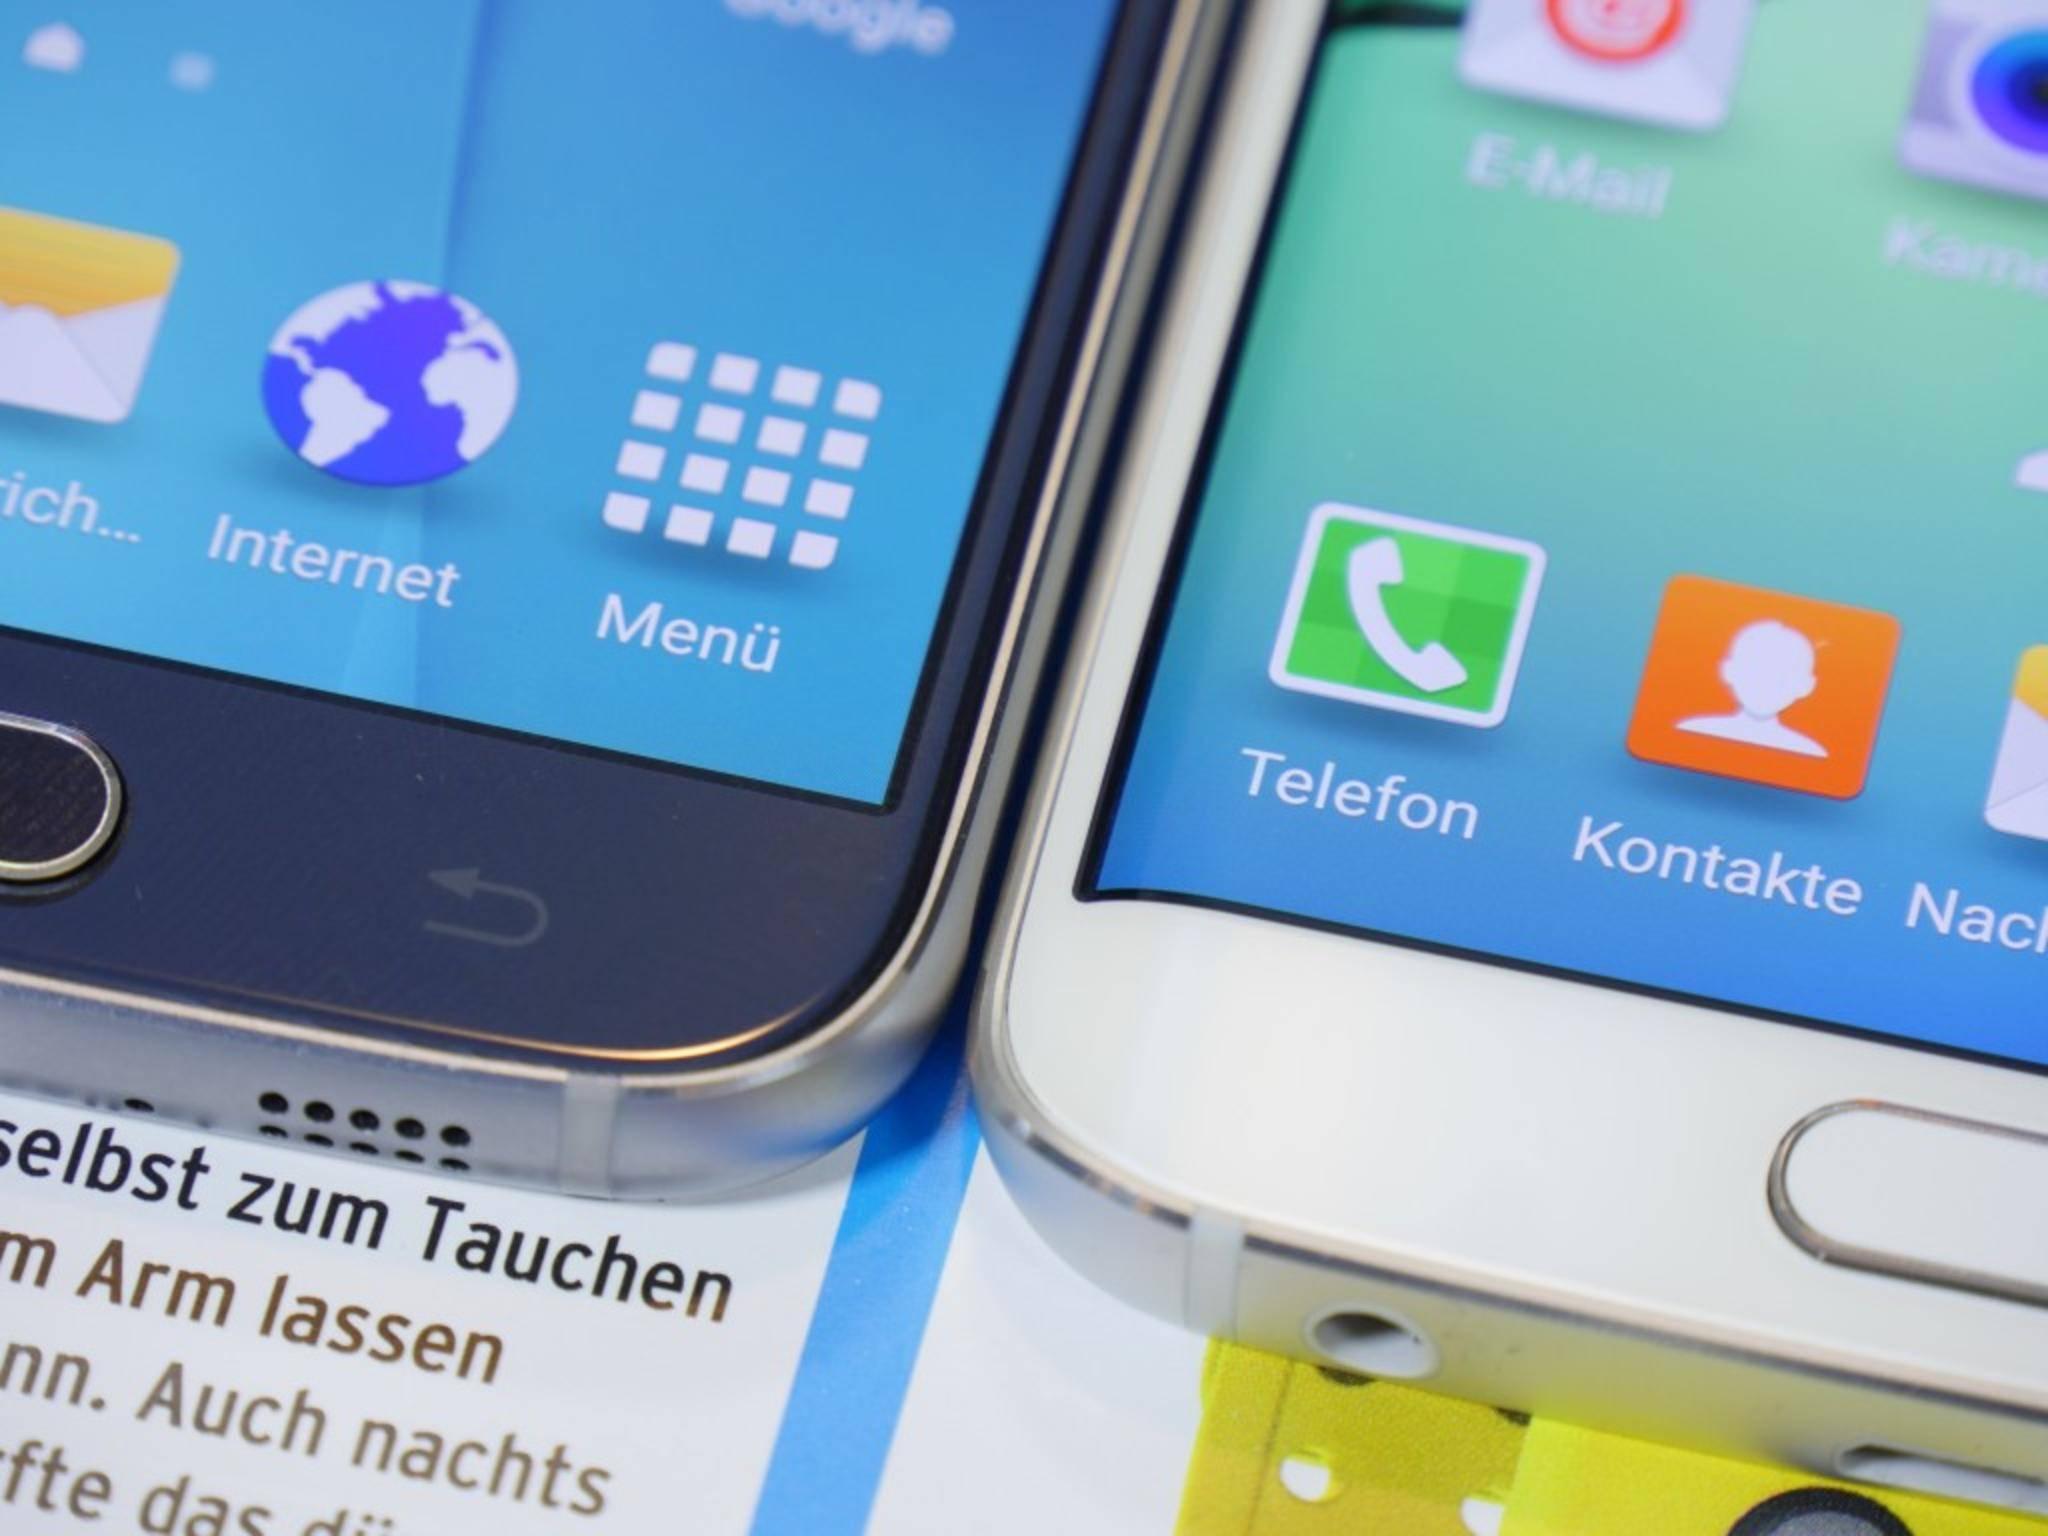 Wie groß werden Samsung Galaxy S7 und S7 Edge?